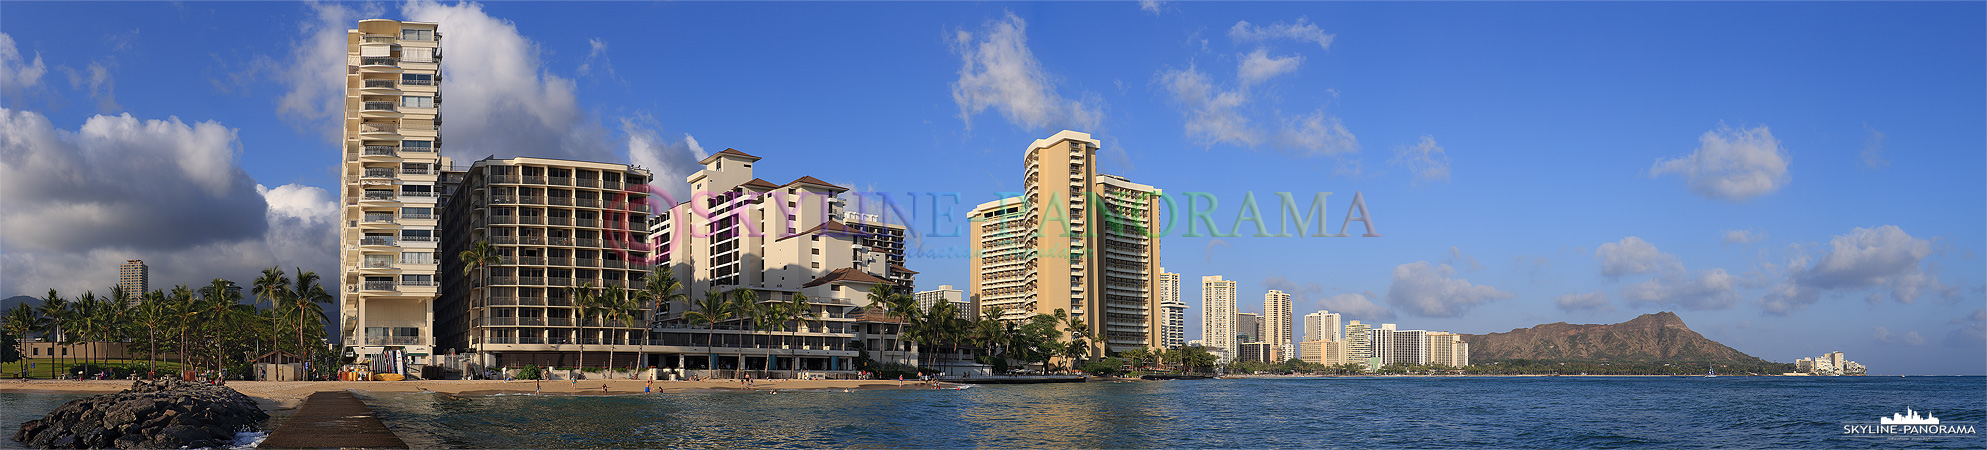 Bilder vom Waikiki Beach - Dieses Panorama zeigt den Waikiki Beach vom Outrigger Reef aus mit Blick in Richtung des Diamant Head Kraters zum Sonnenuntergang.